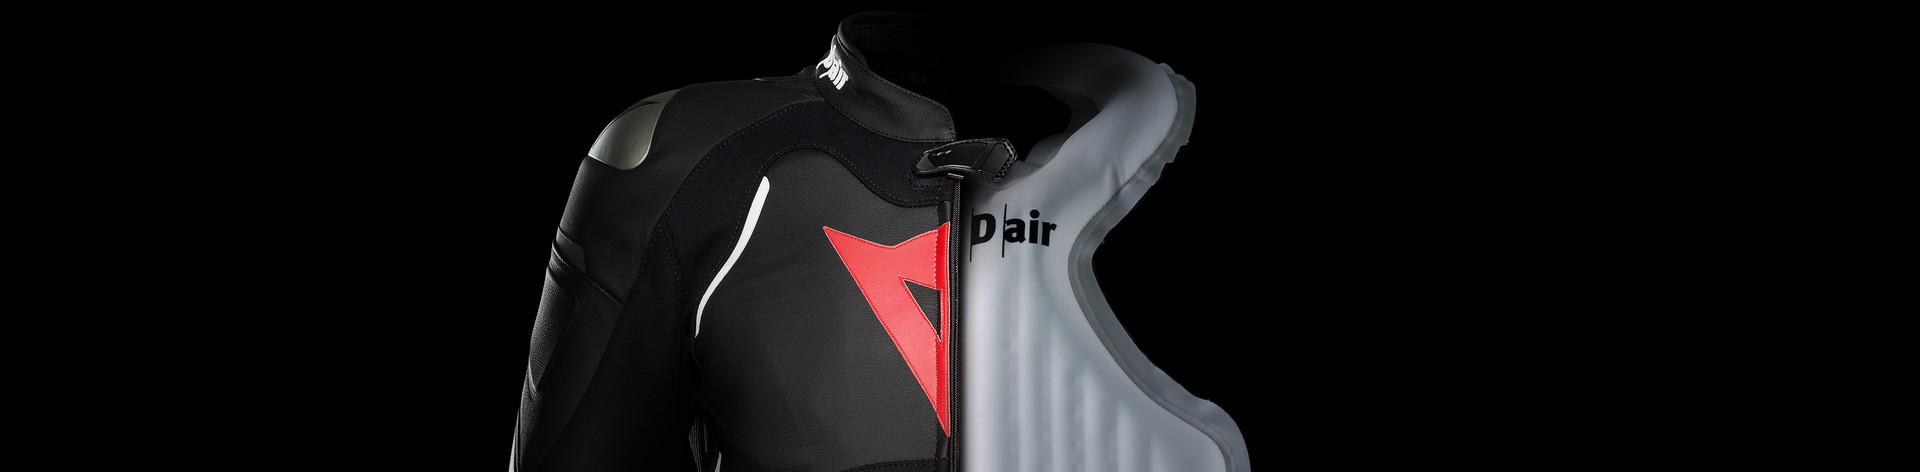 Dainese D-air®